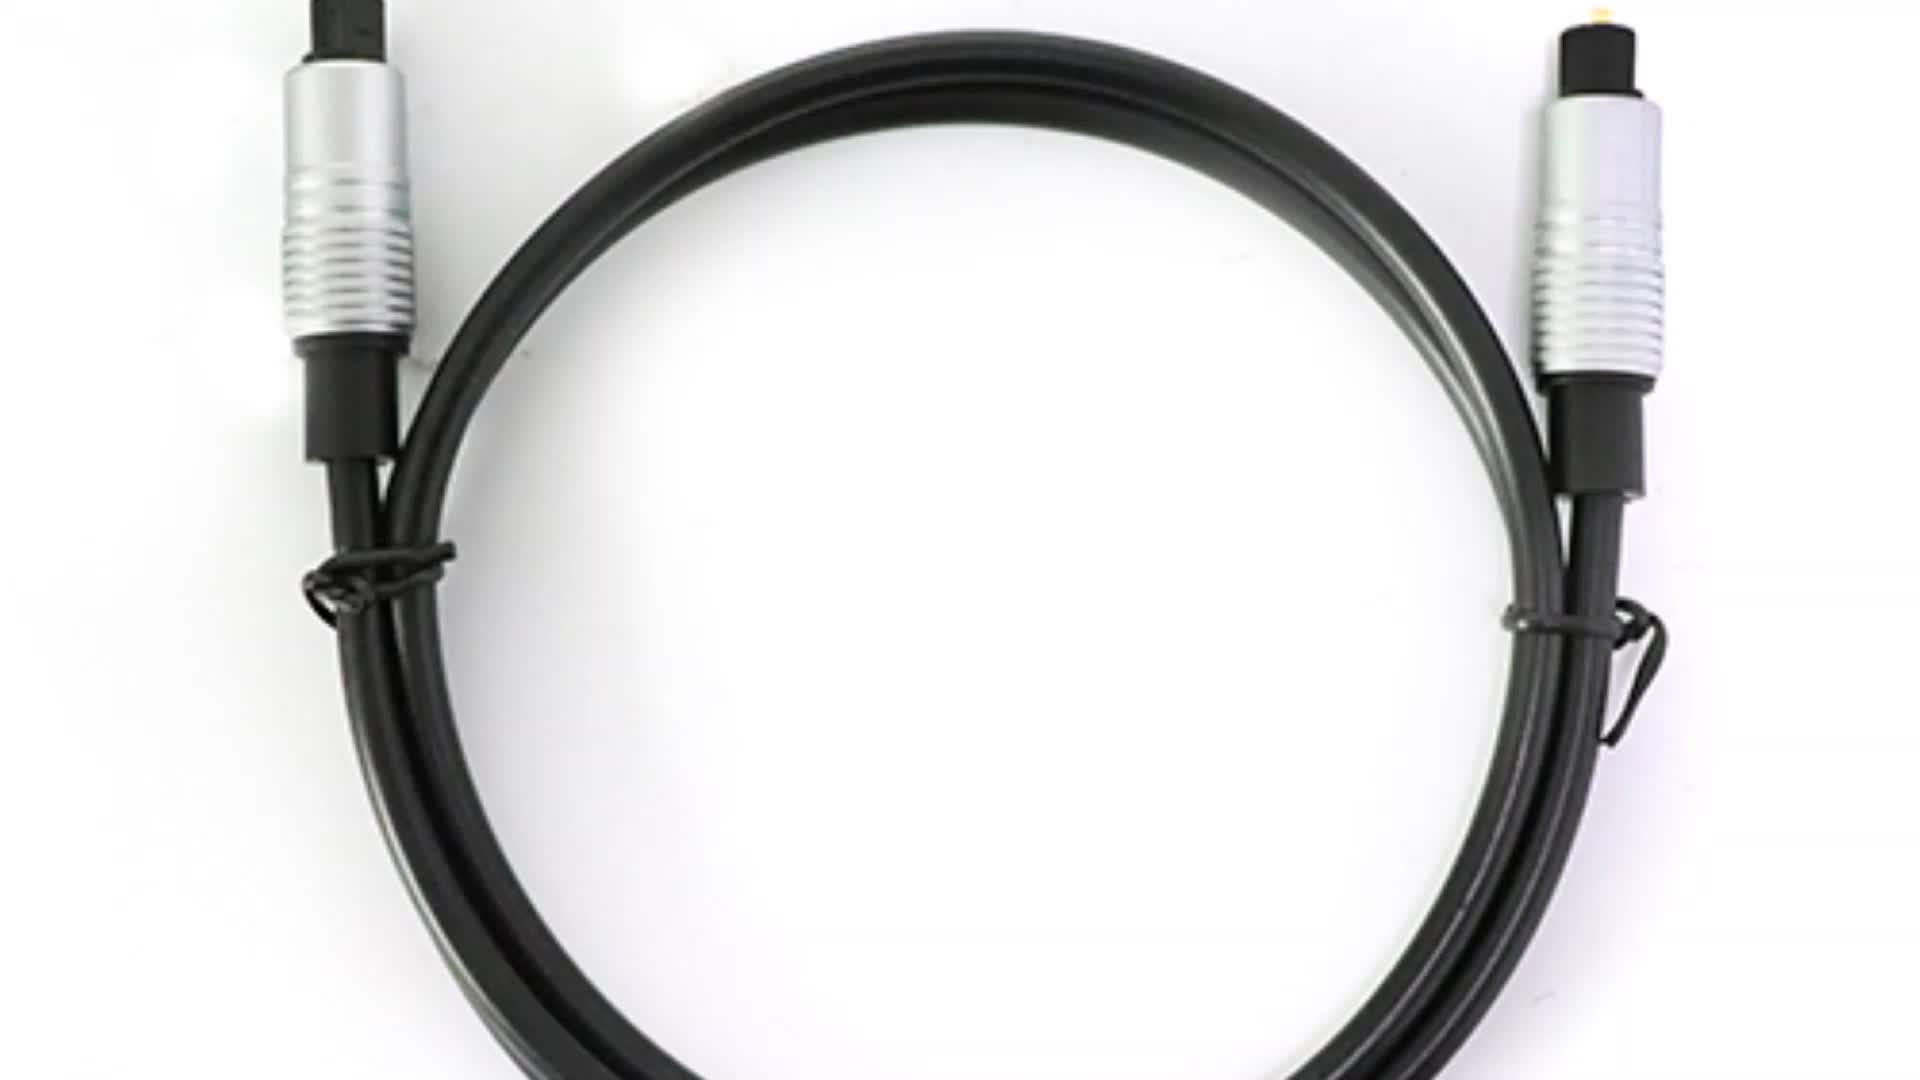 Berlapis Emas Optik Digital Kabel Audio Male To Male Kabel untuk Home Theater, Suara Bar